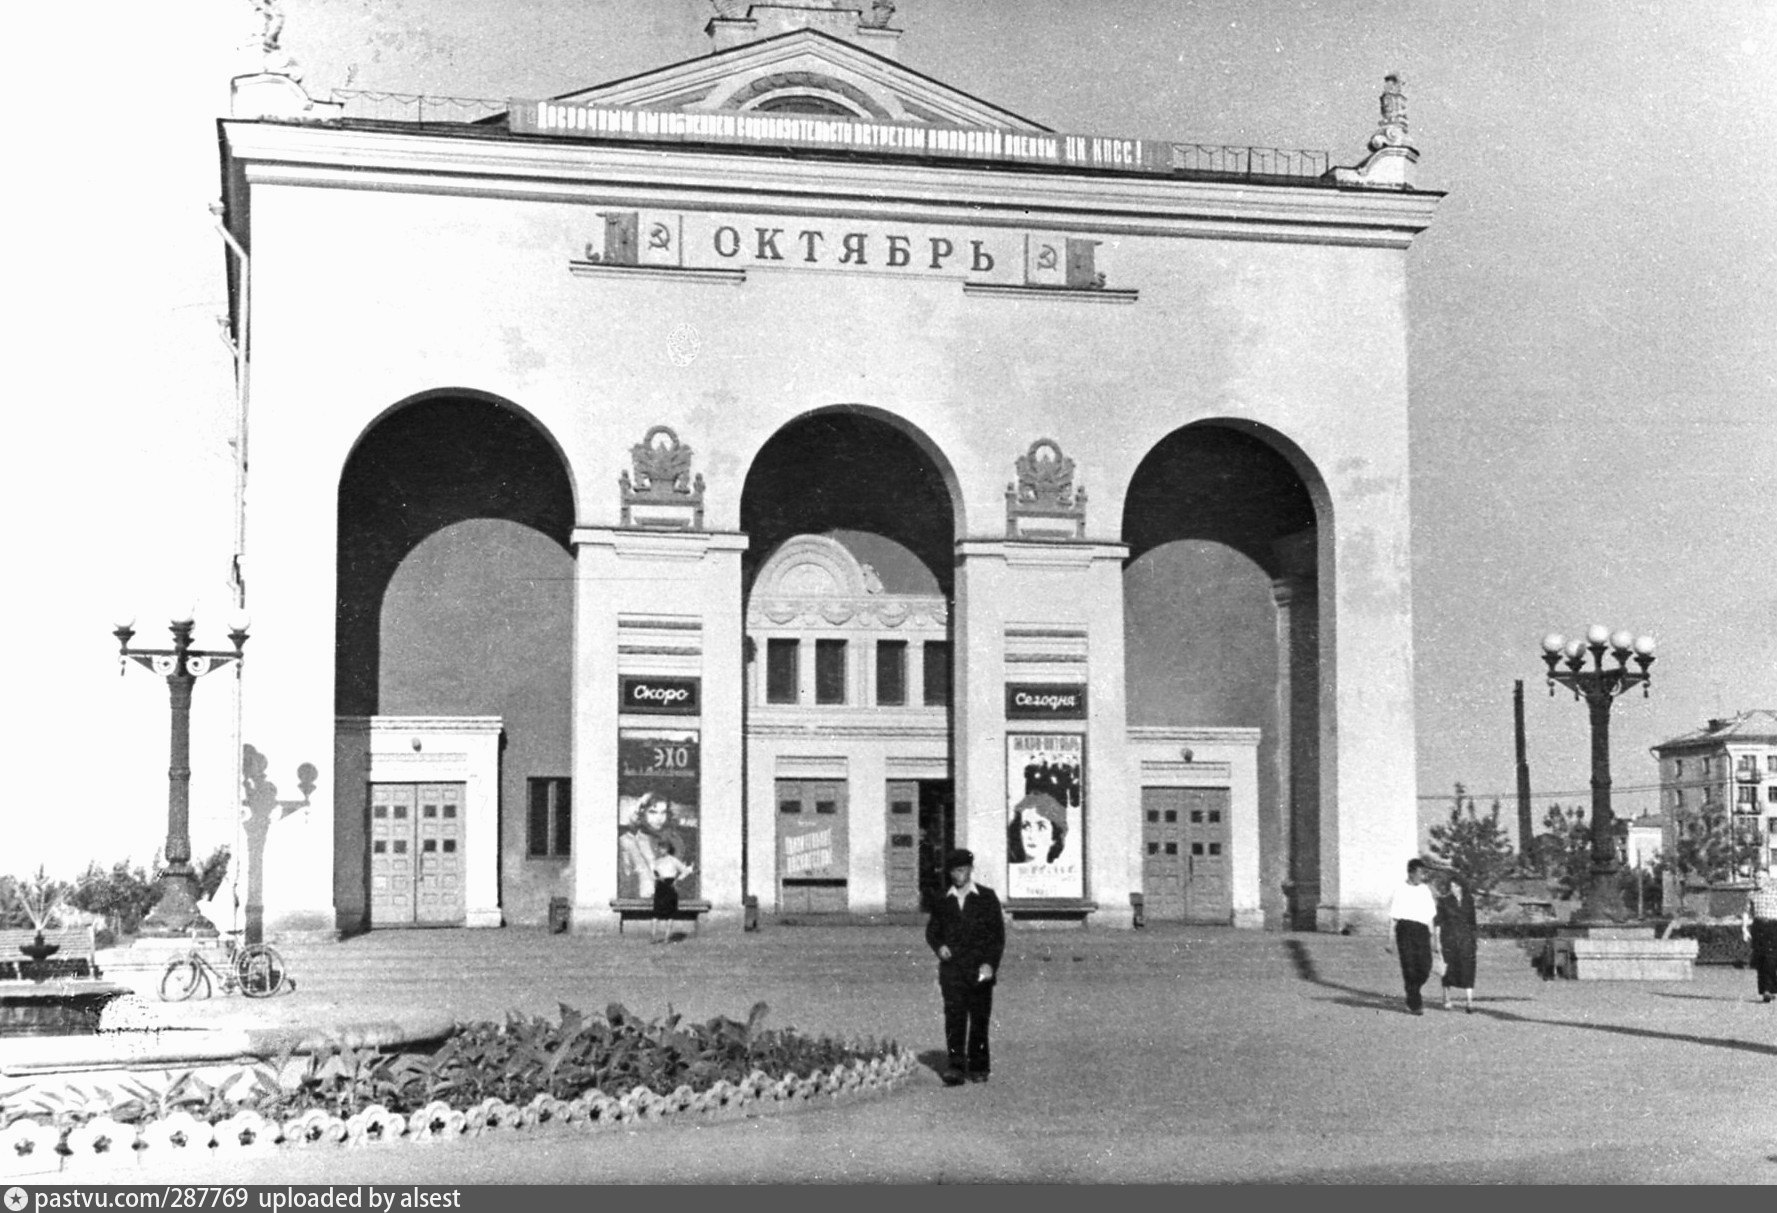 сталинск кинотеатр октябрь Retro Photos